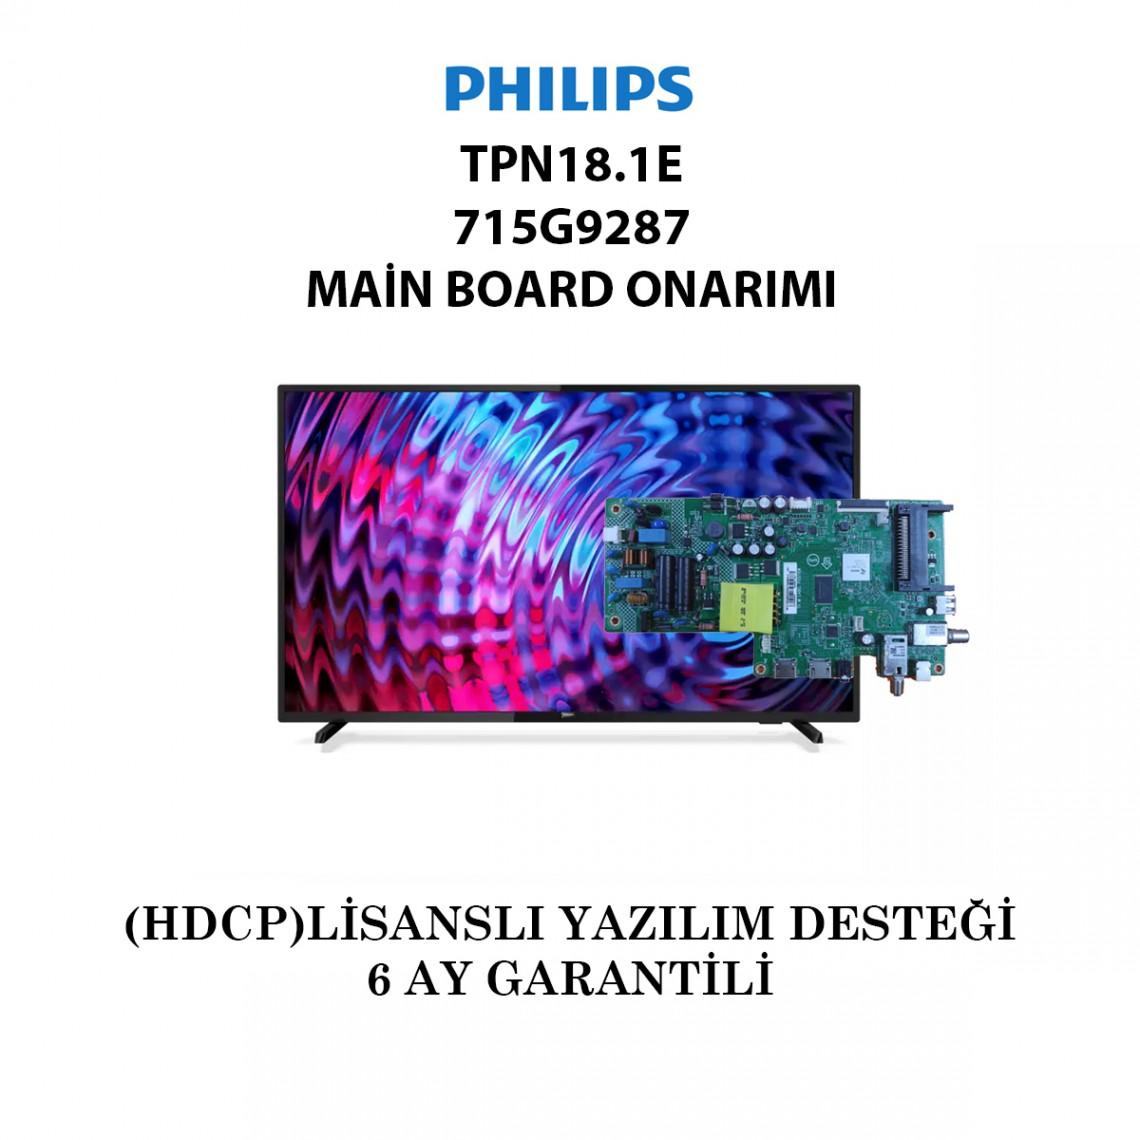 PHILIPS, TPN18.1E, 715G9287-C01-001-004T 715G9287-C01-002-004Y, MAİN BOARD ONARIMI